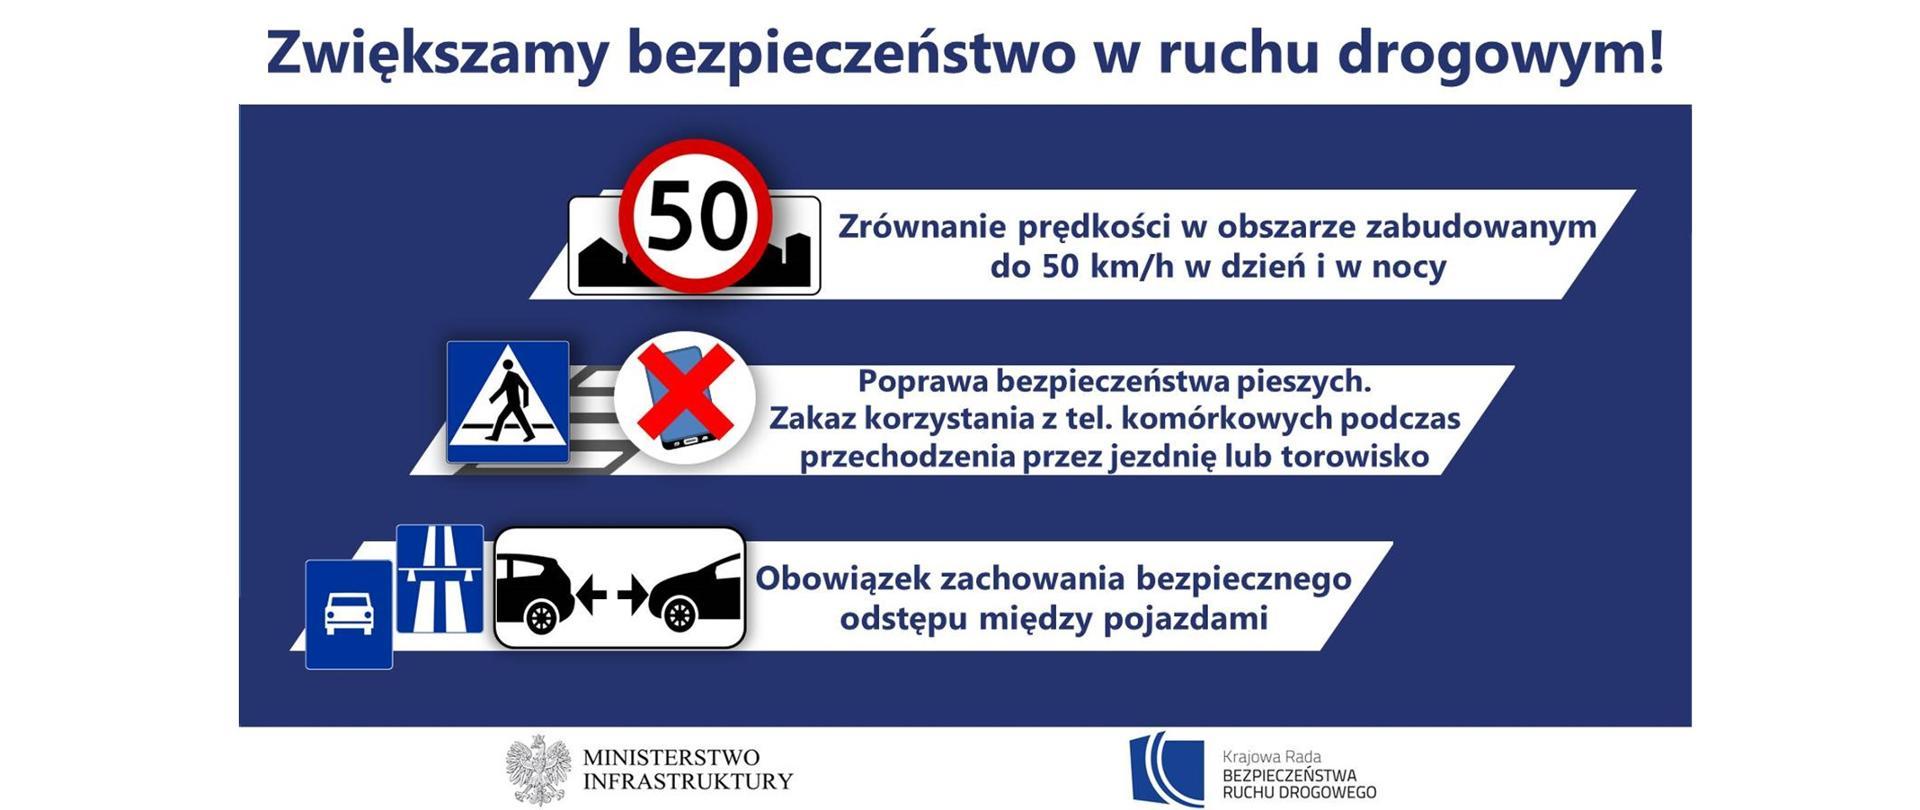 Rada Ministrów 24 listopada 2020 r. przyjęła opracowany przez Ministerstwo Infrastruktury i Krajową Radę Bezpieczeństwa Ruchu Drogowego projekt nowelizacji ustawy – Prawo o ruchu drogowym